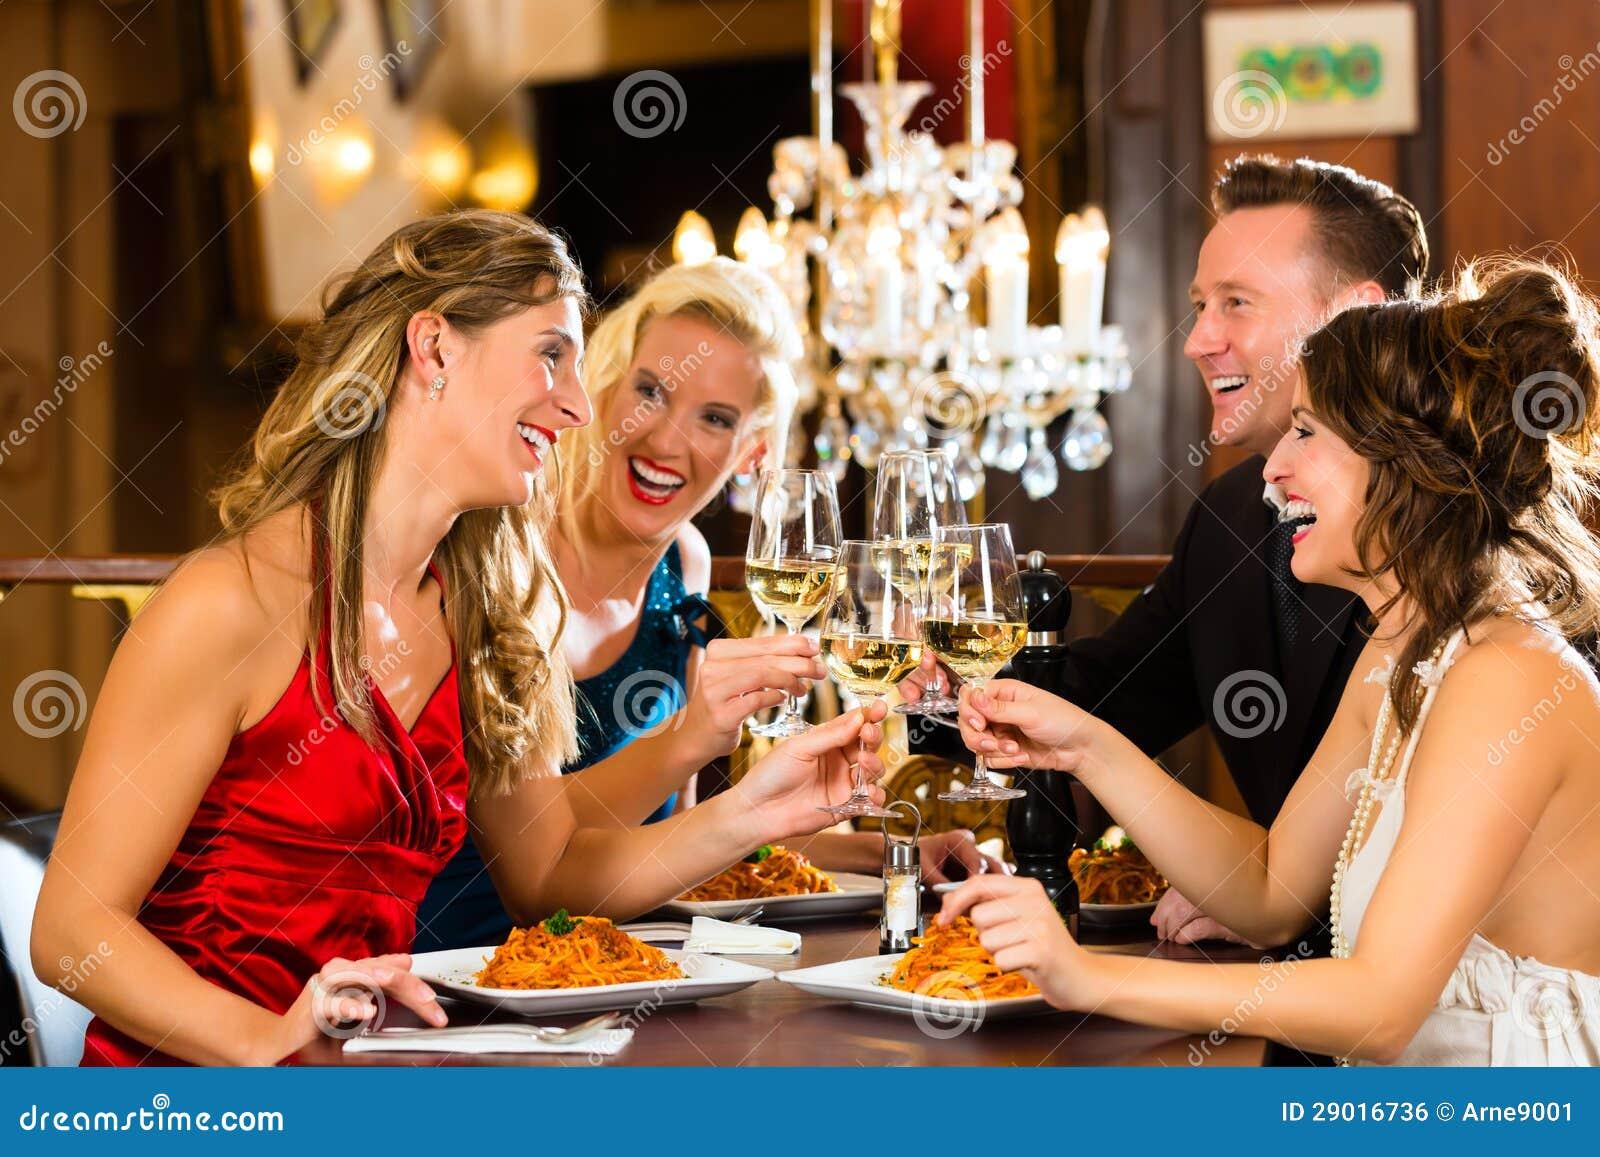 Φίλοι γυαλιά ενός στα πολύ καλά εστιατορίων κουδουνίσματος